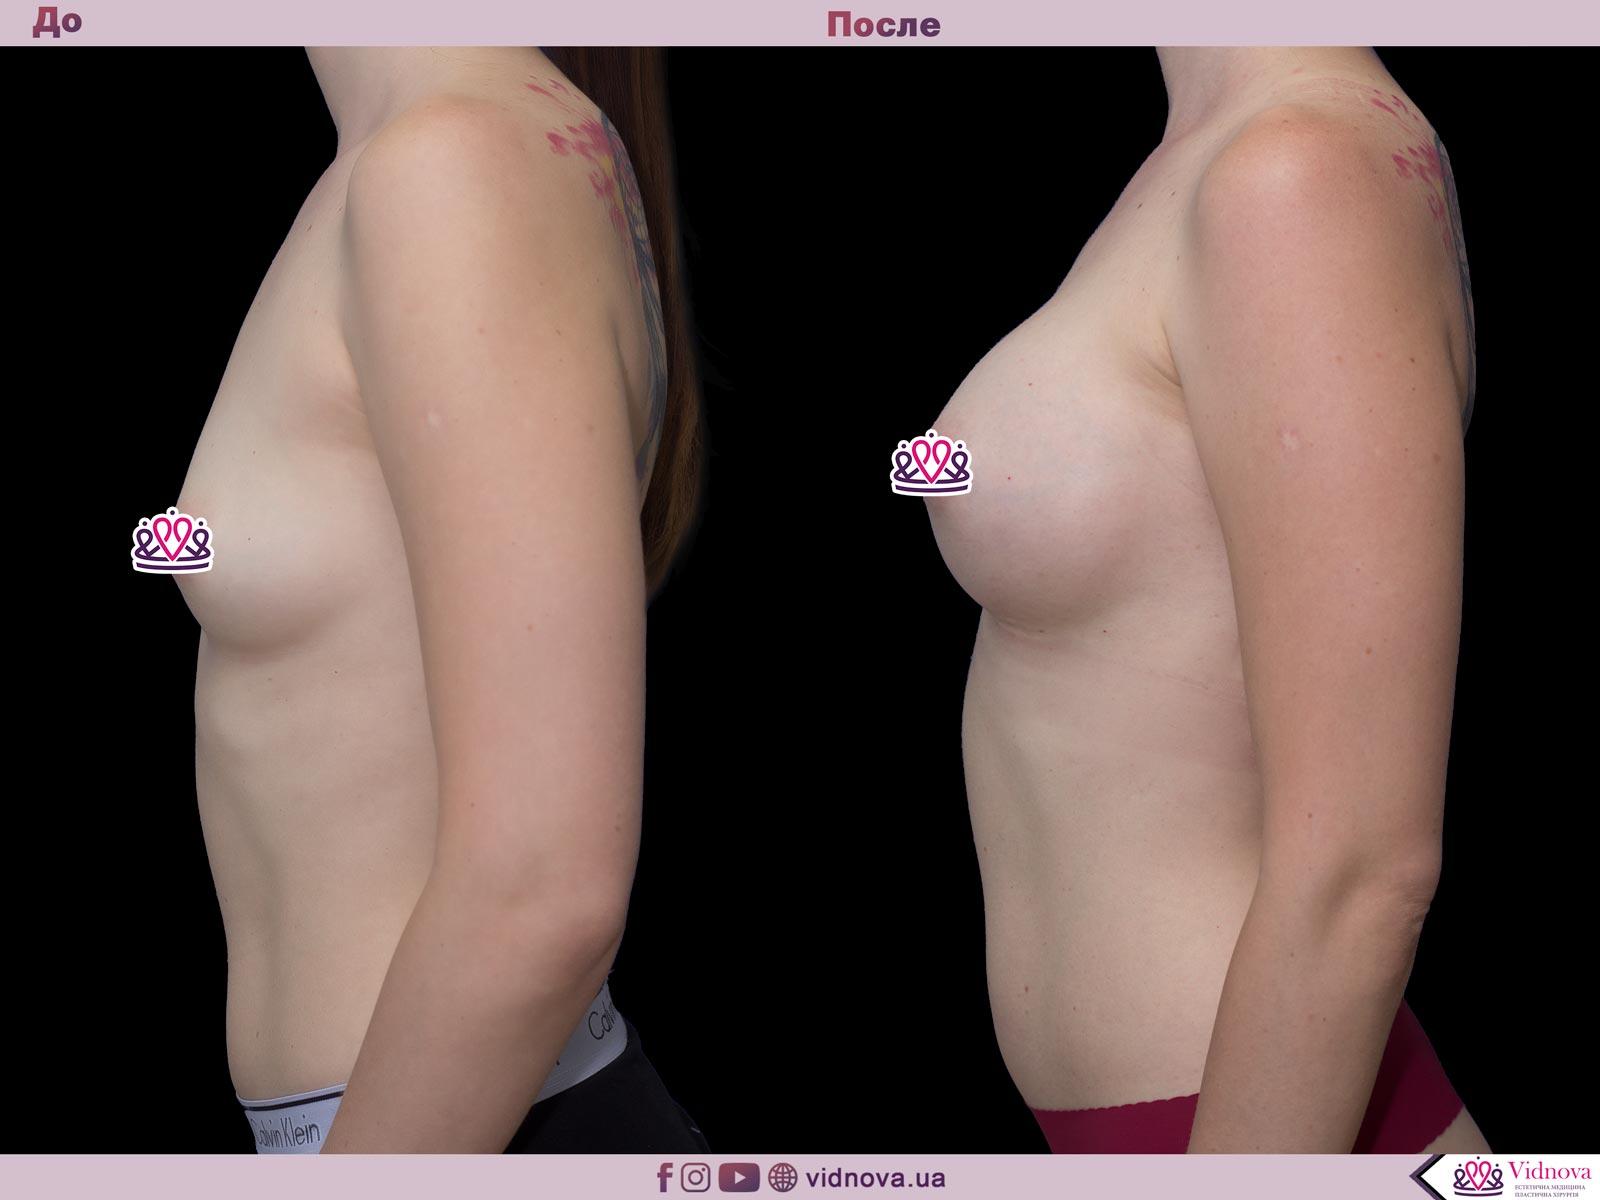 Пластика груди: результаты до и после - Пример №50-2 - Светлана Работенко